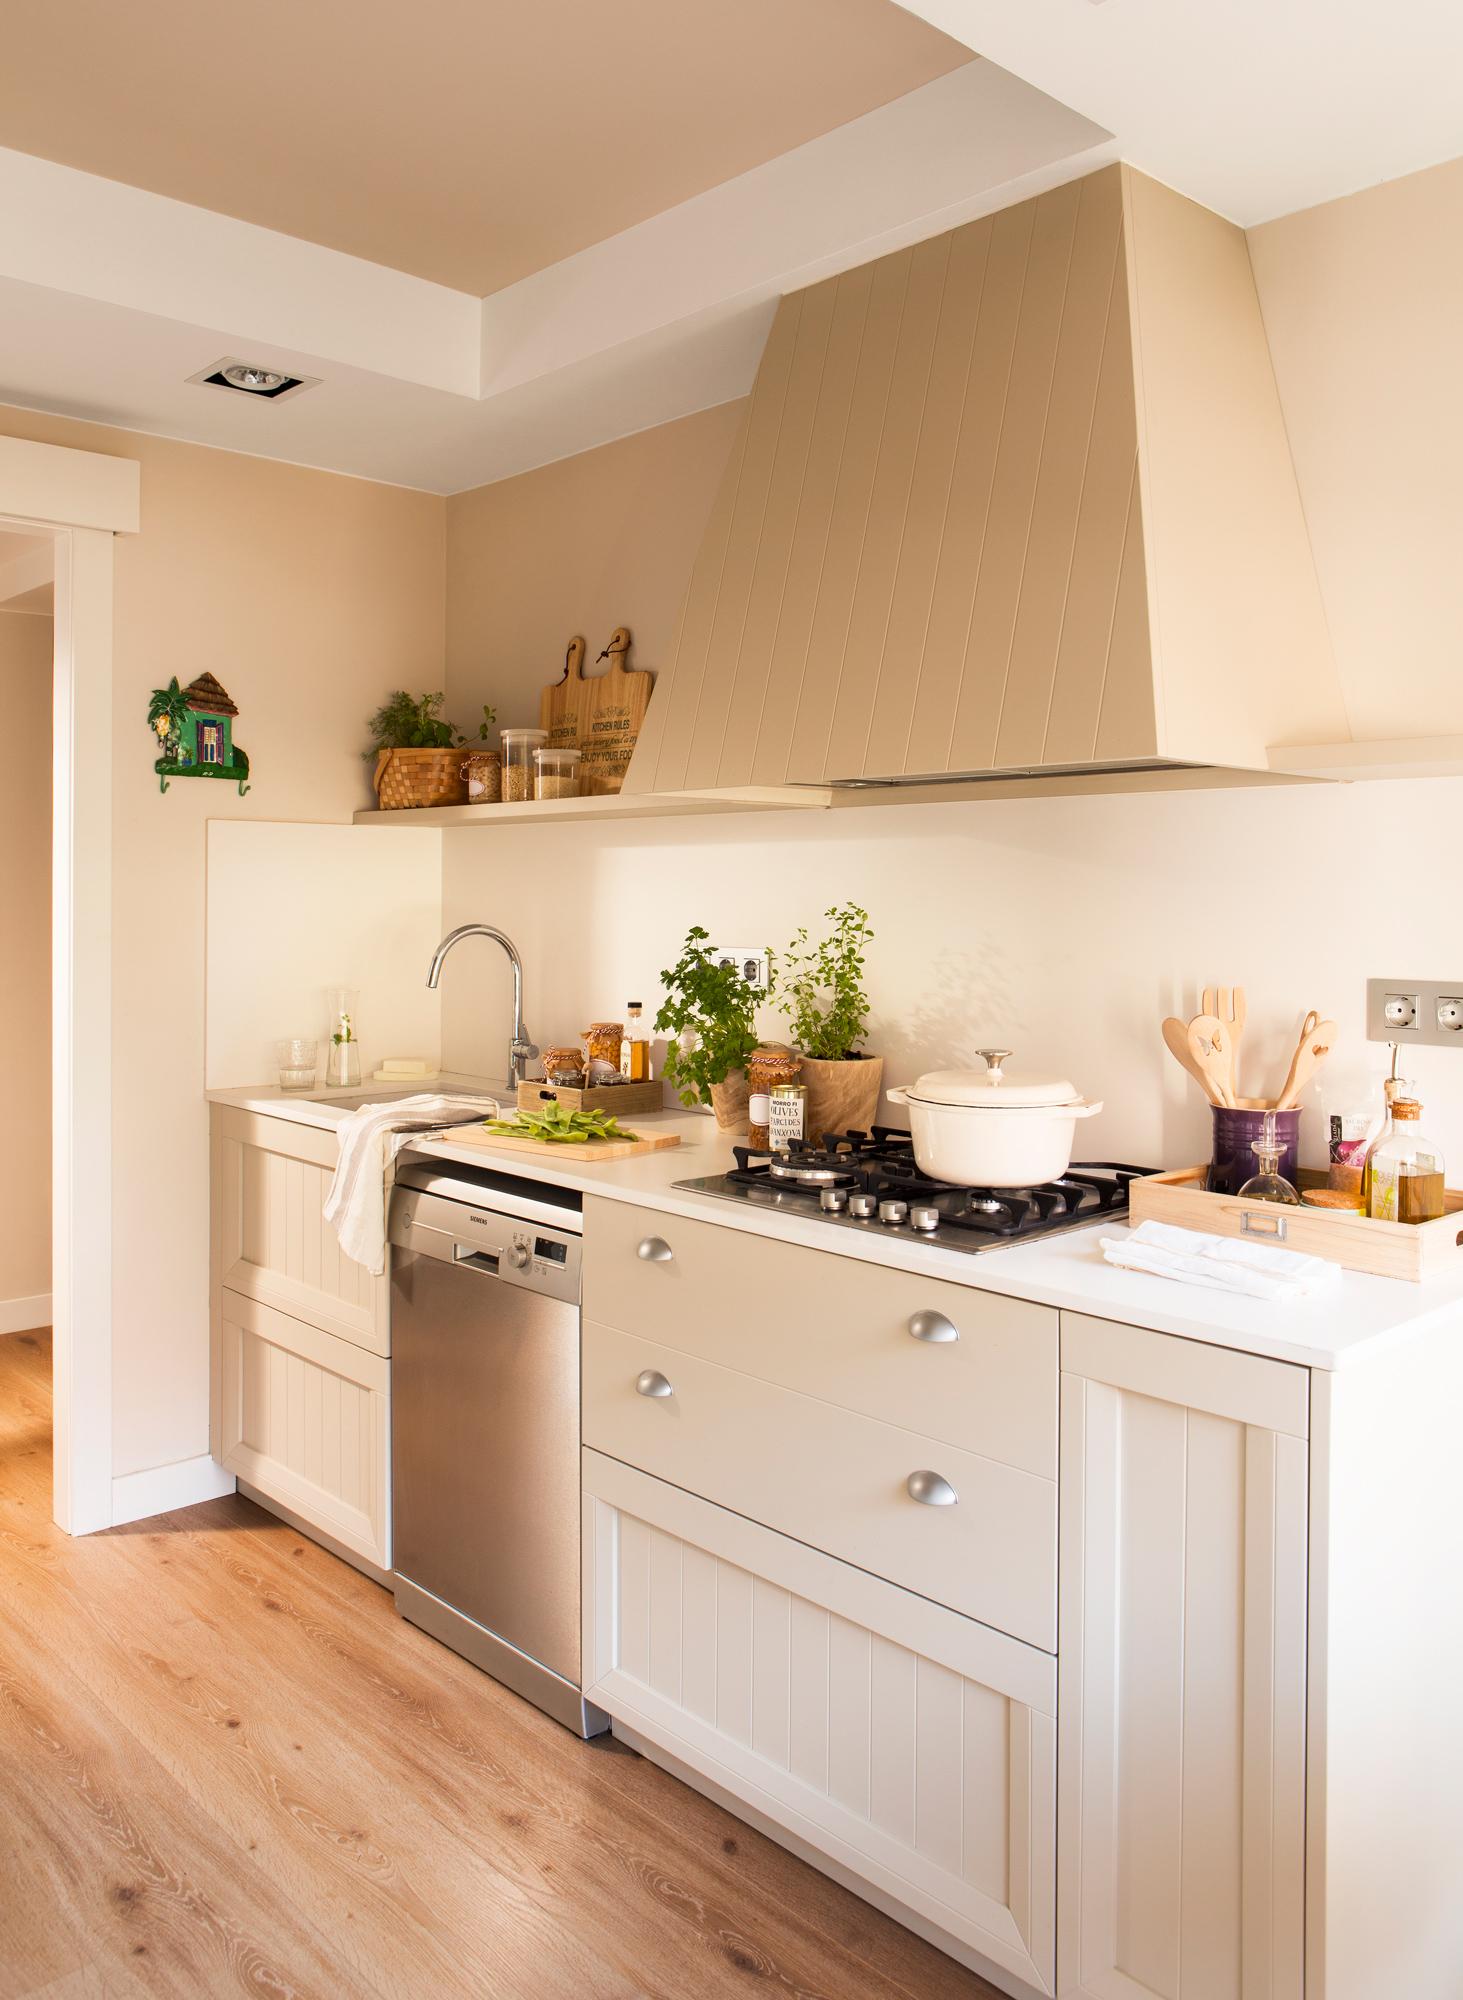 Una cocina peque a con mucho orden y un office - Suelo de cocina ...